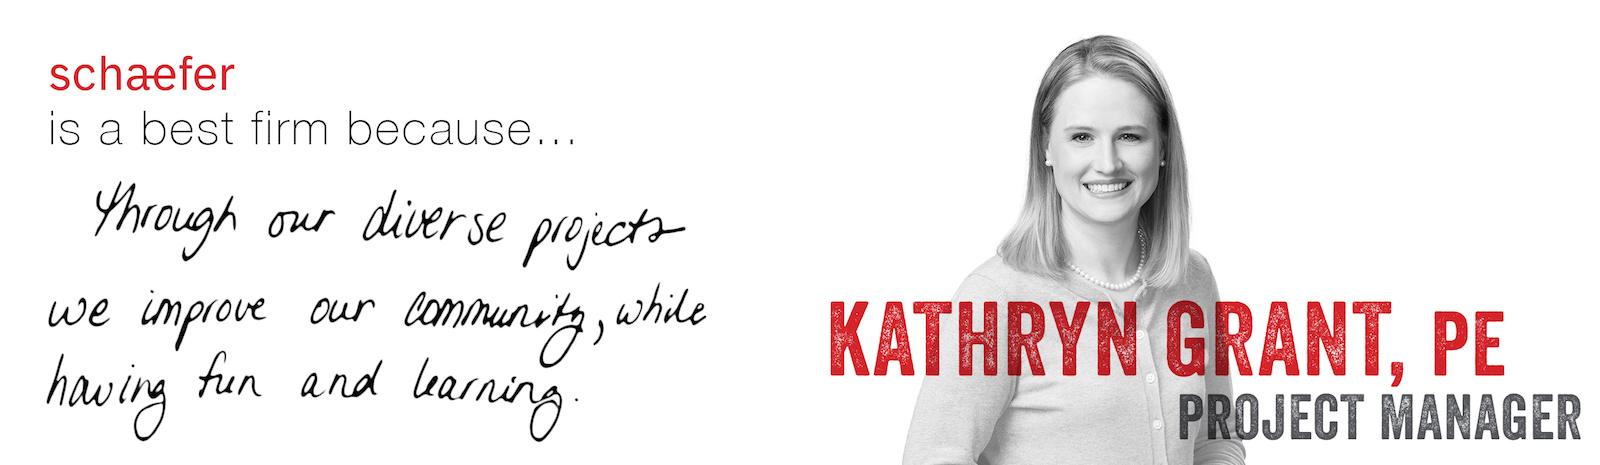 Careers Testimonial - Kathryn Grant